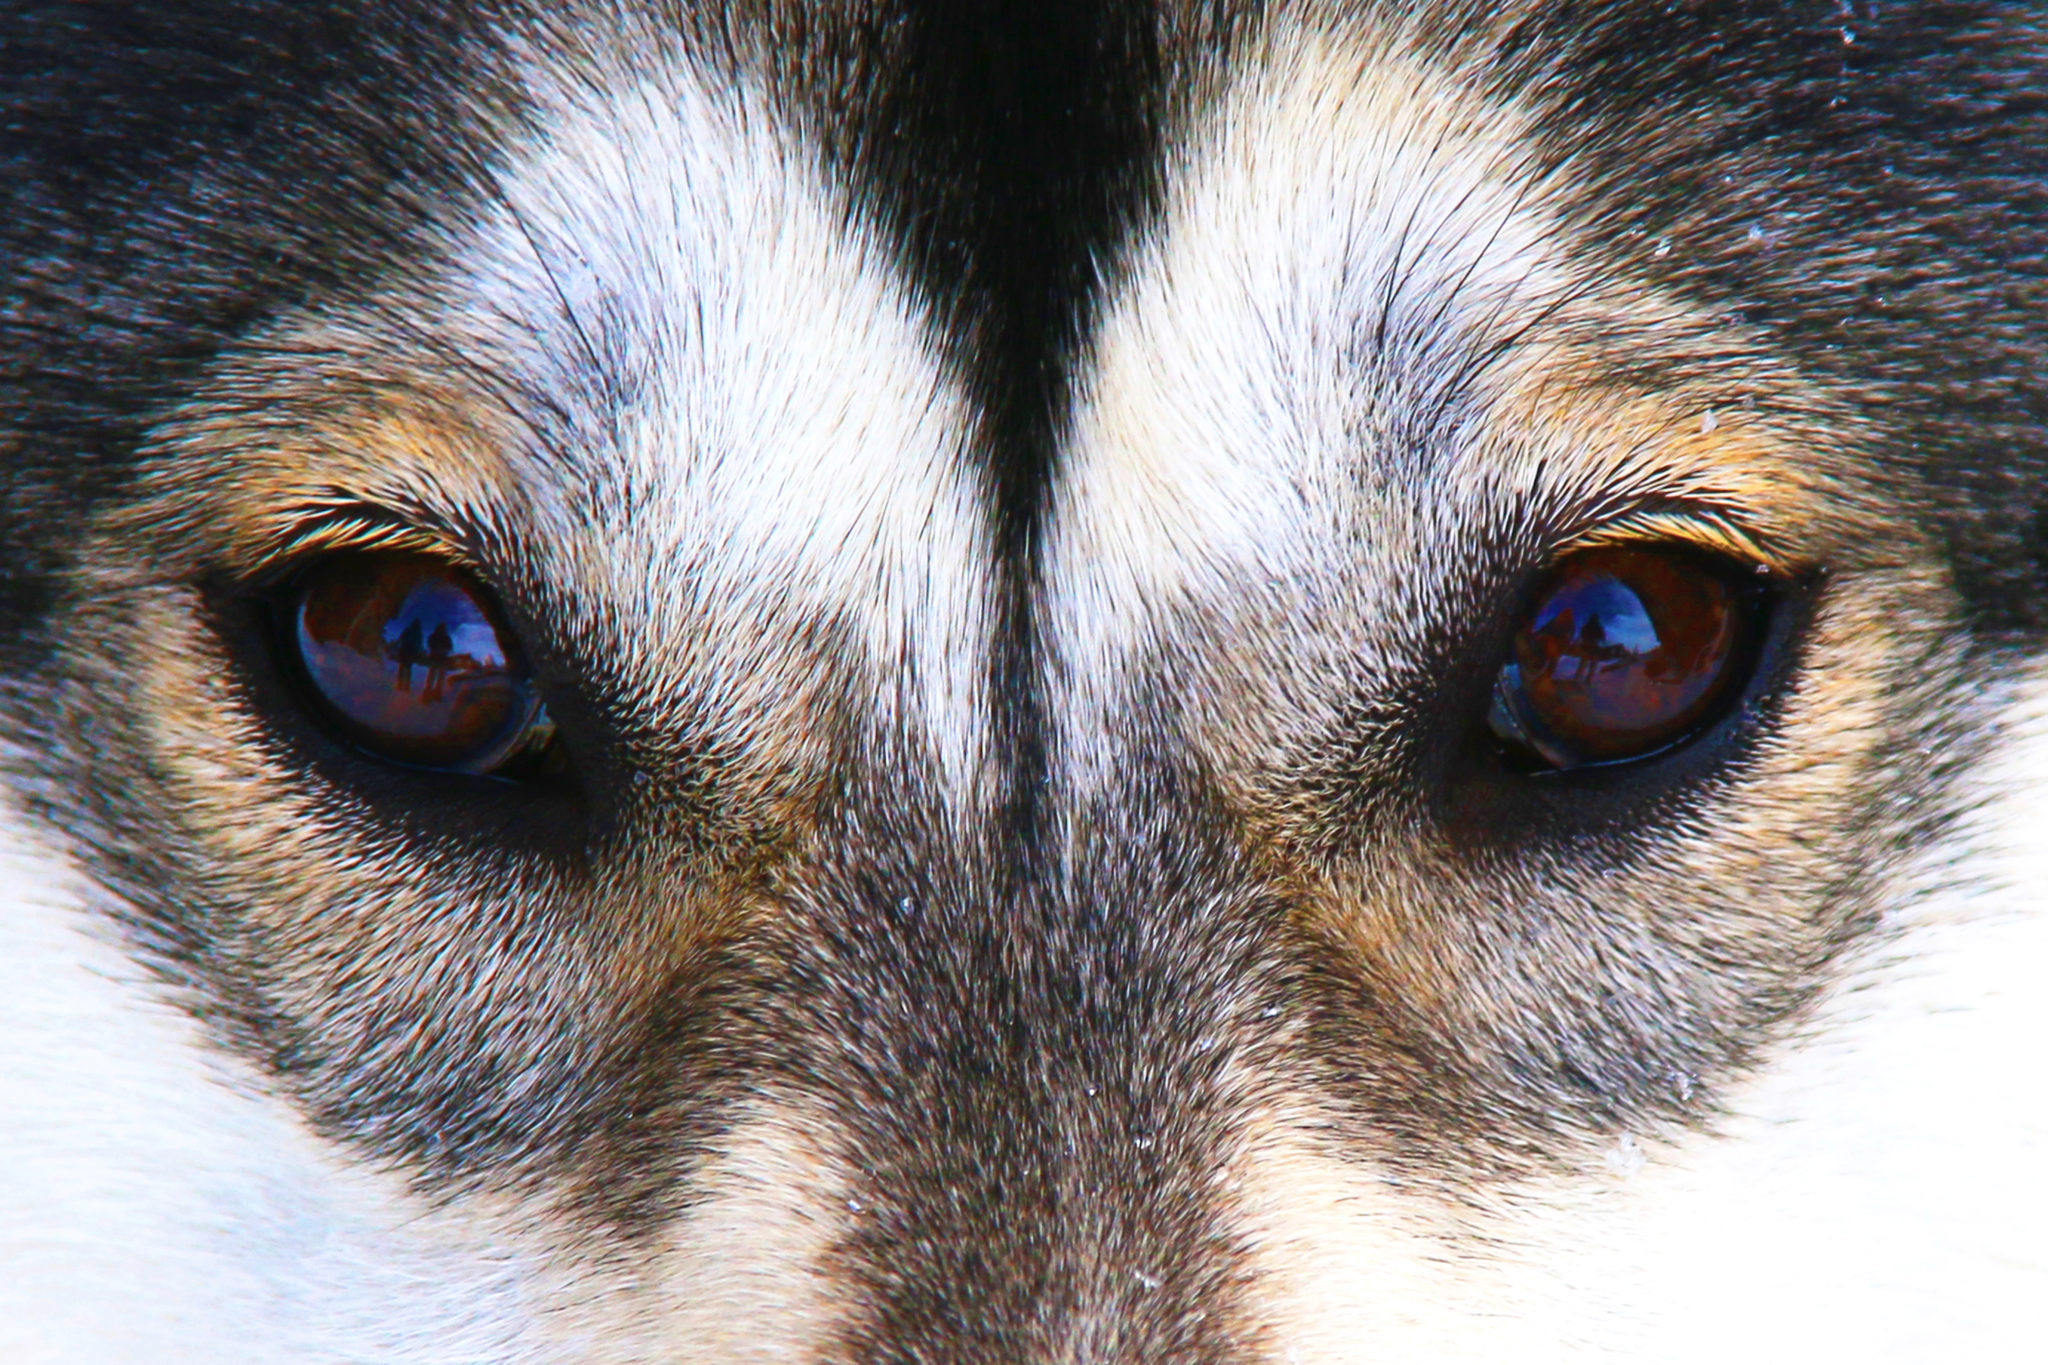 Tittel: Let's play Jeg fikk en ide om å fotografere dyr, nært innpå for å fange essensen av det. Først tenkte jeg på å prøve å fotografere et vilt dyr, som for eksempel en elg, rev eller til og med en fugl. Men så møtte jeg Tyri, en leken husky-malamute valp. Tyri har et spennende mønster i ansiktet, og veldig livlige øyne. Litt av det samme man kan finne i ville dyr.